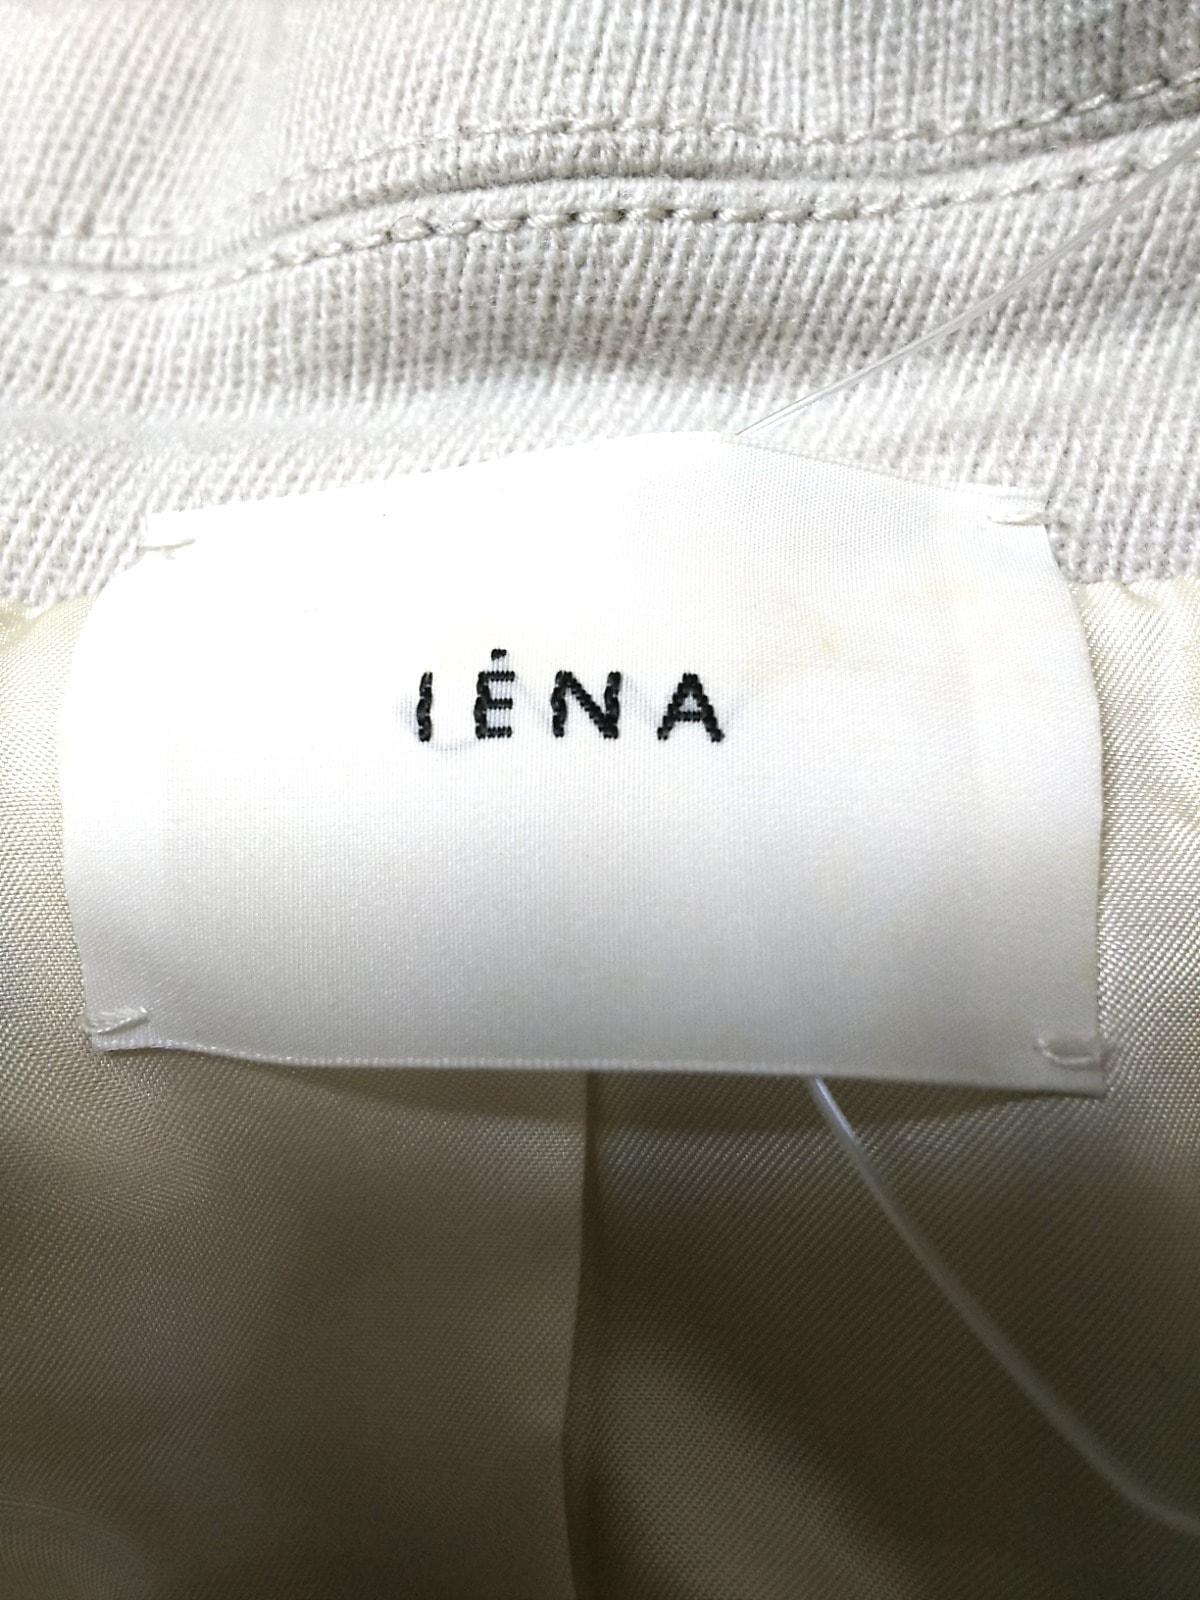 IENA(イエナ)のコート